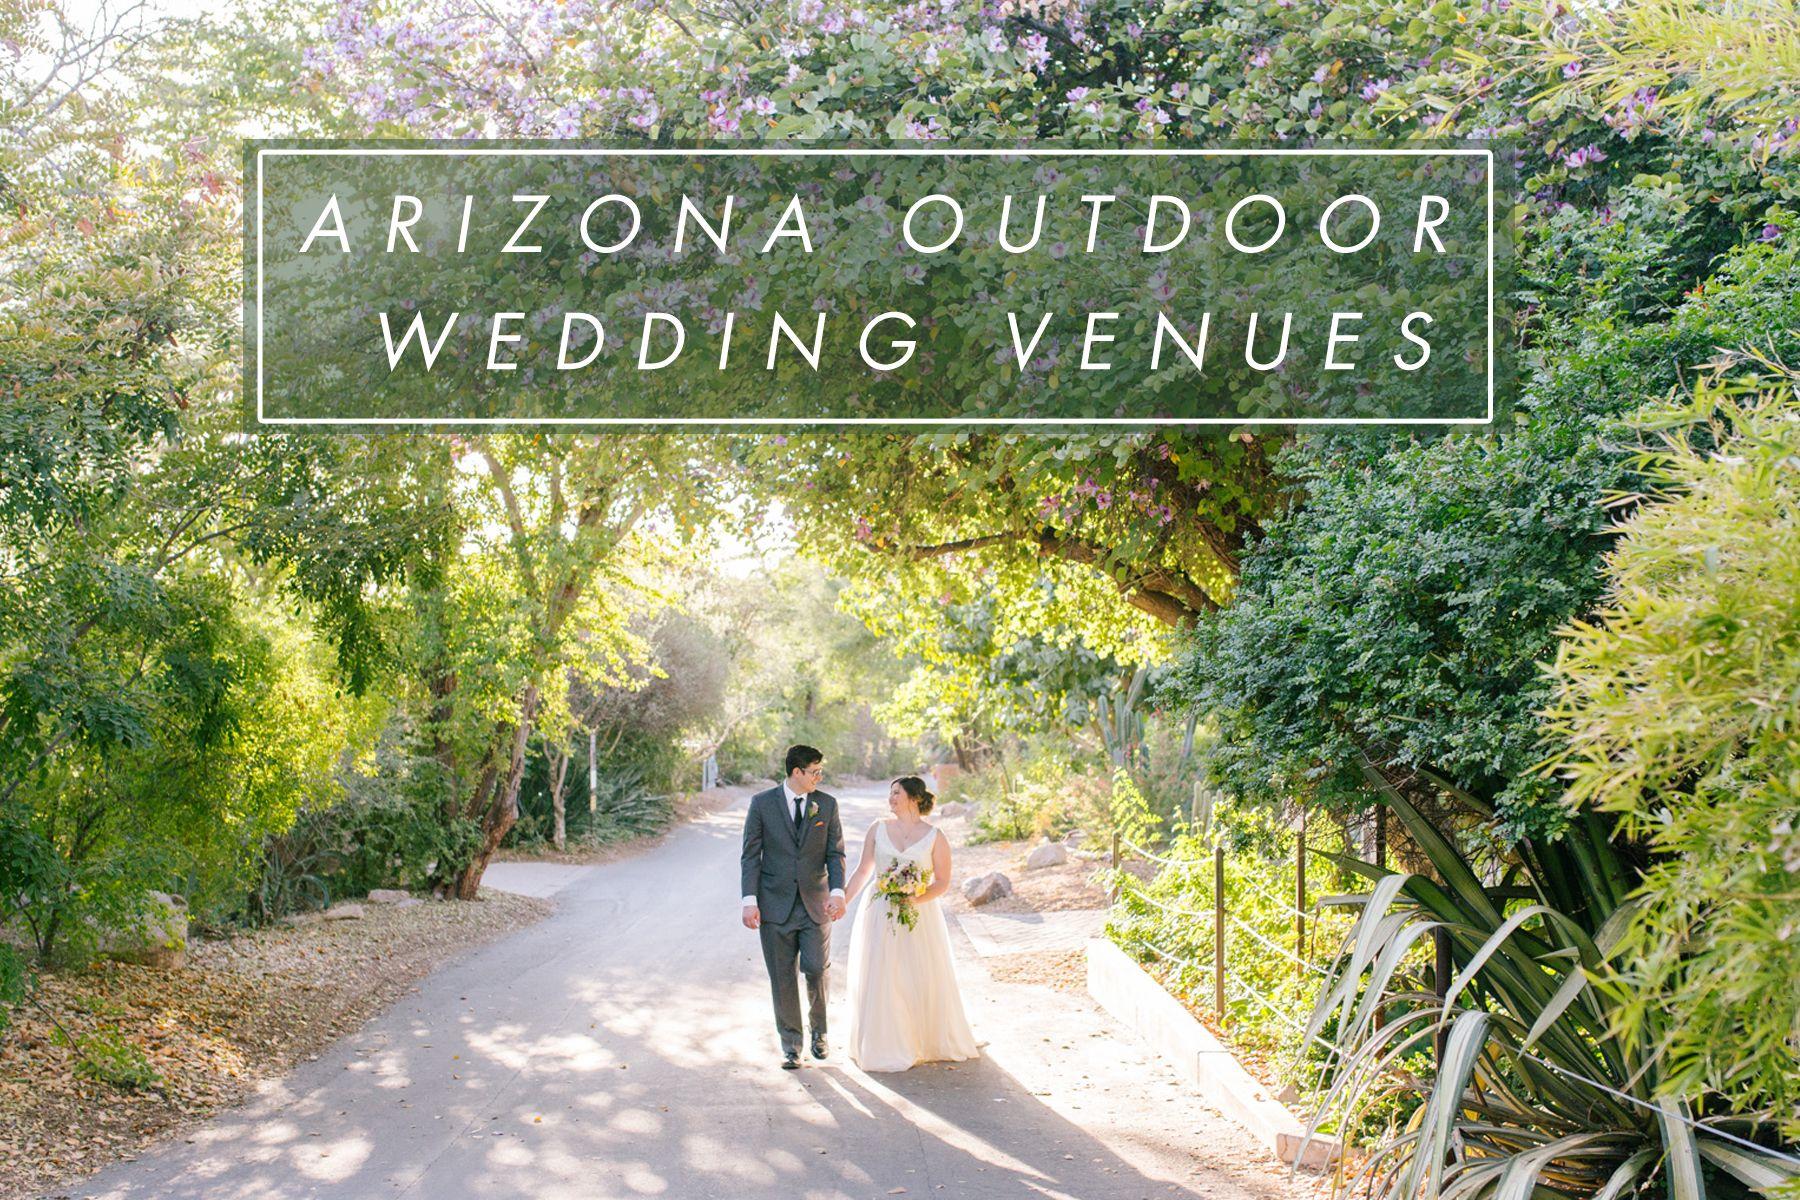 Outdoor Natural Wedding Venues In Phoenix Arizona Outdoor Wedding Venues Arizona Wedding Venues Outdoor Wedding Photography